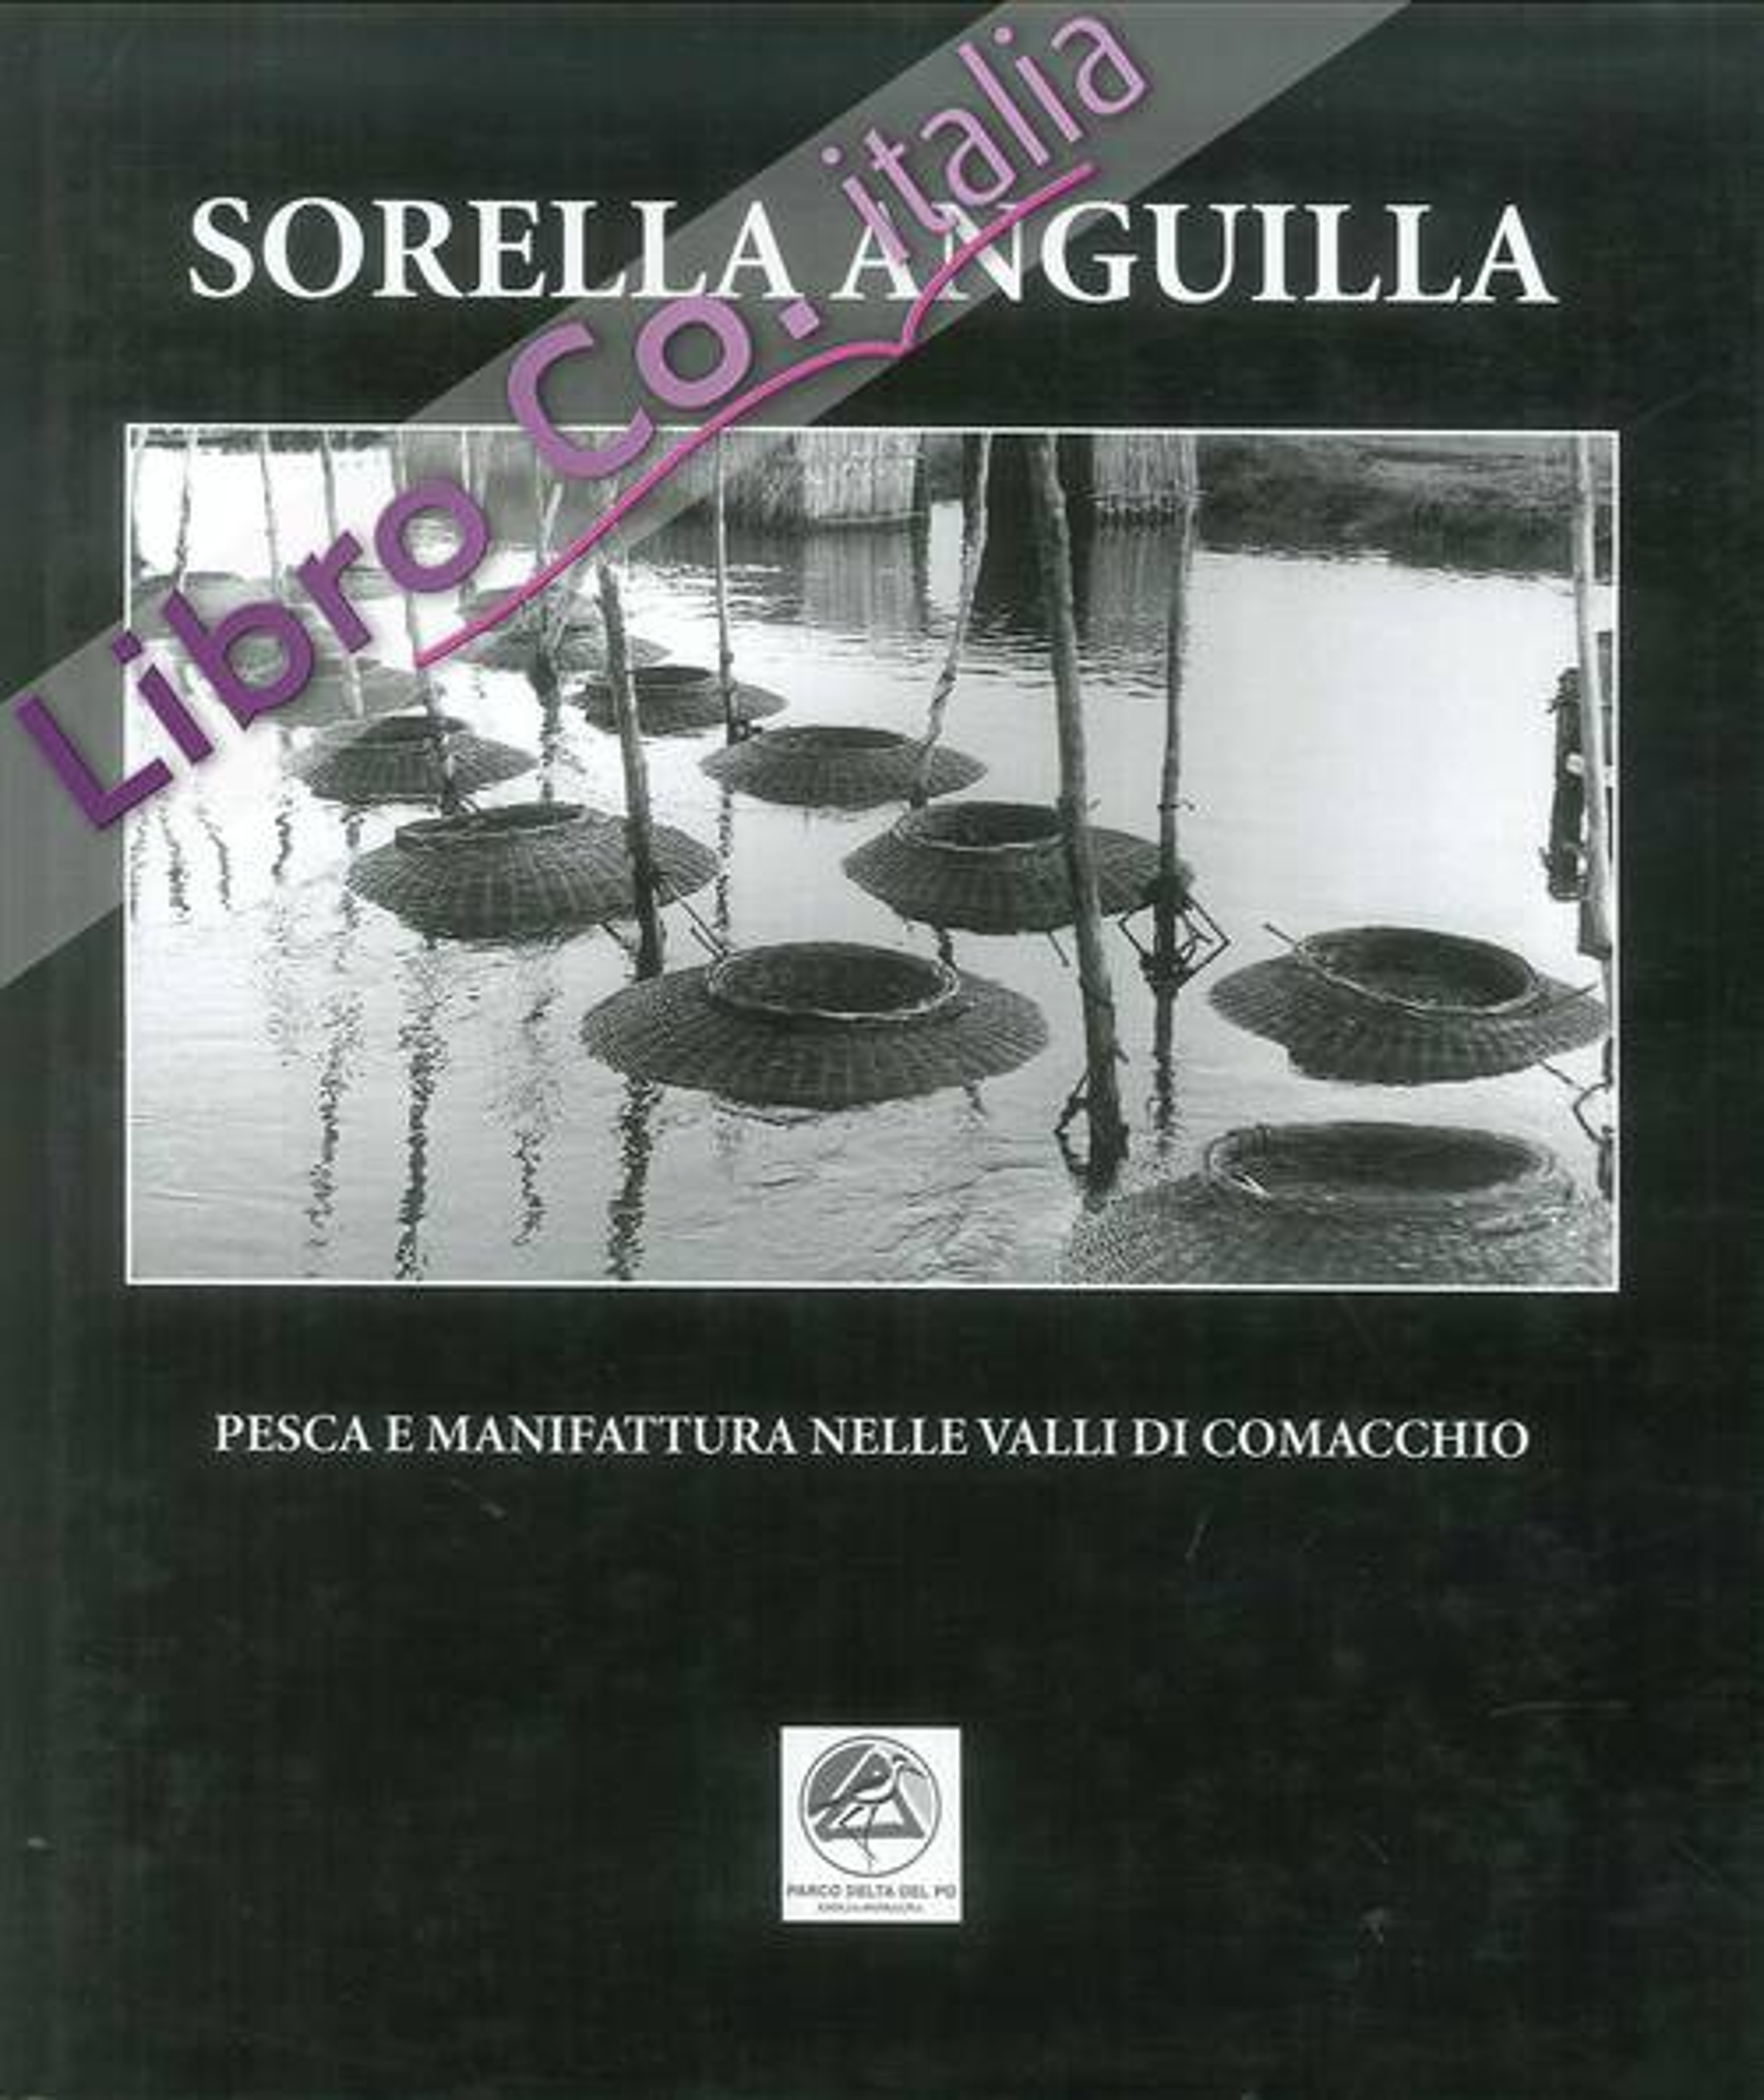 Sorella anguilla. Pesca e manifattura nelle valli di Comacchio